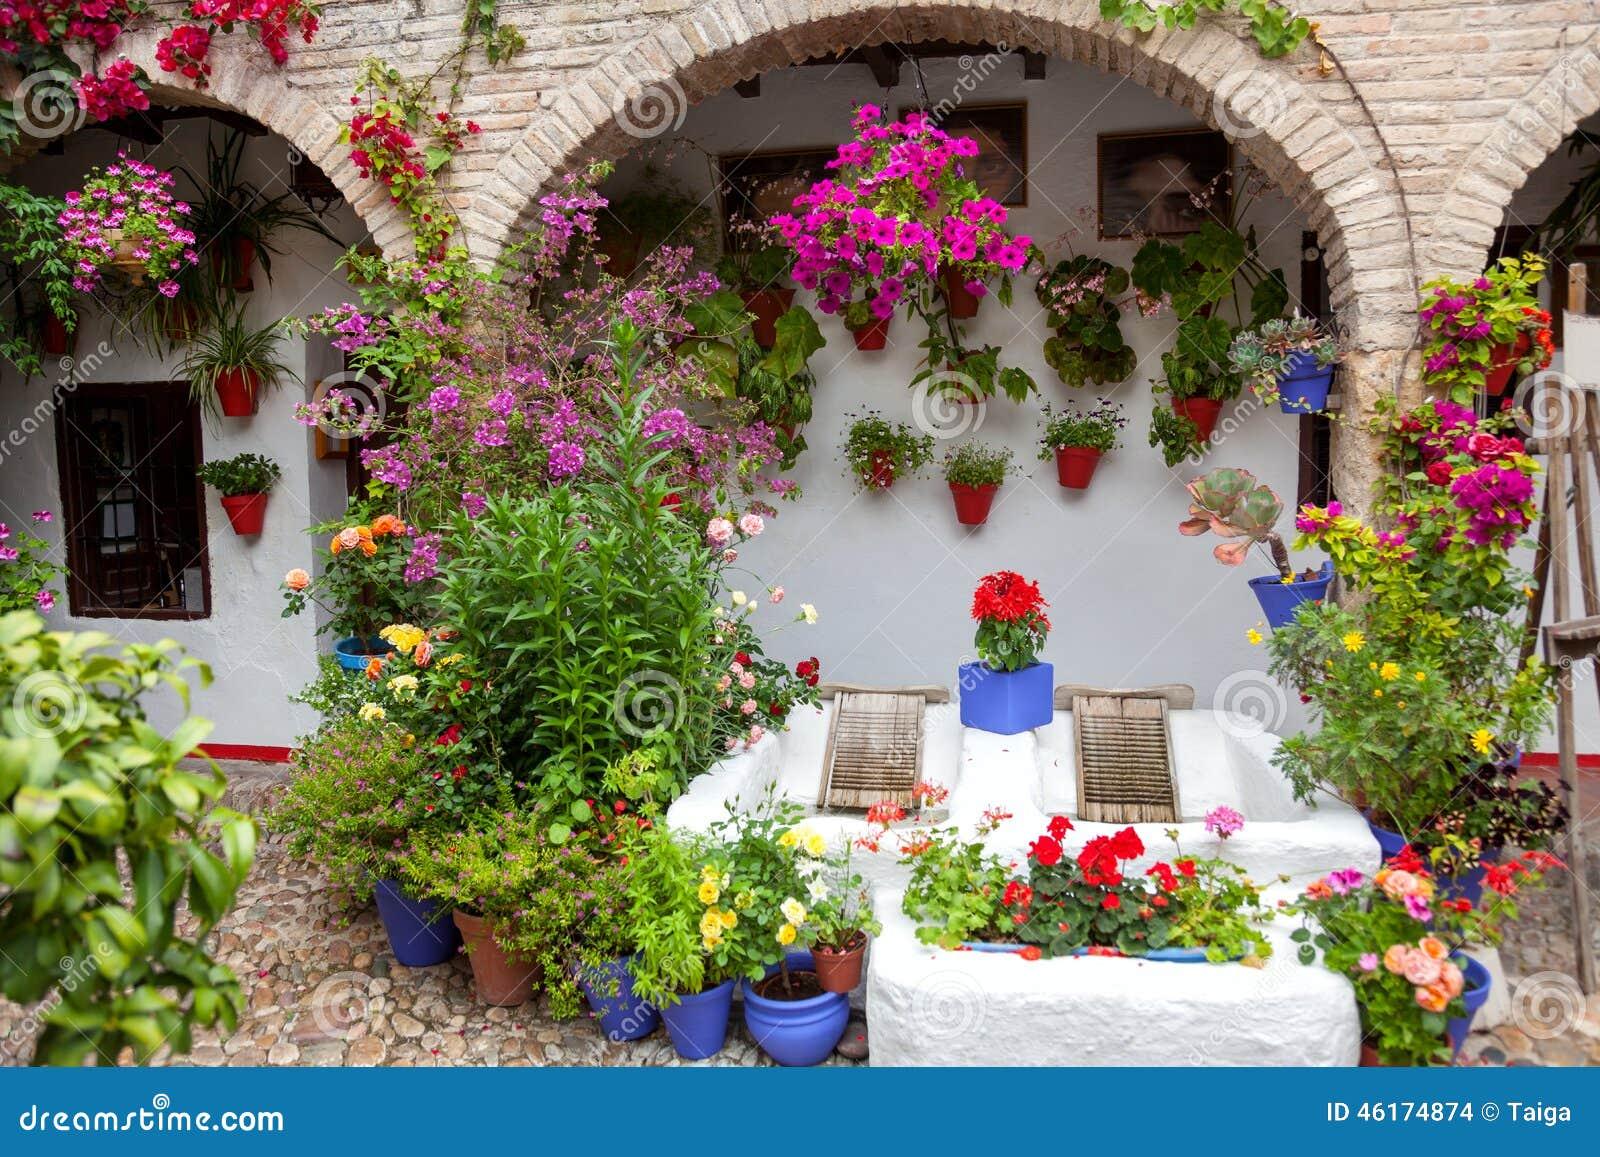 casa diseo de casa jardin d florece la decoraciufn del patio del vintage